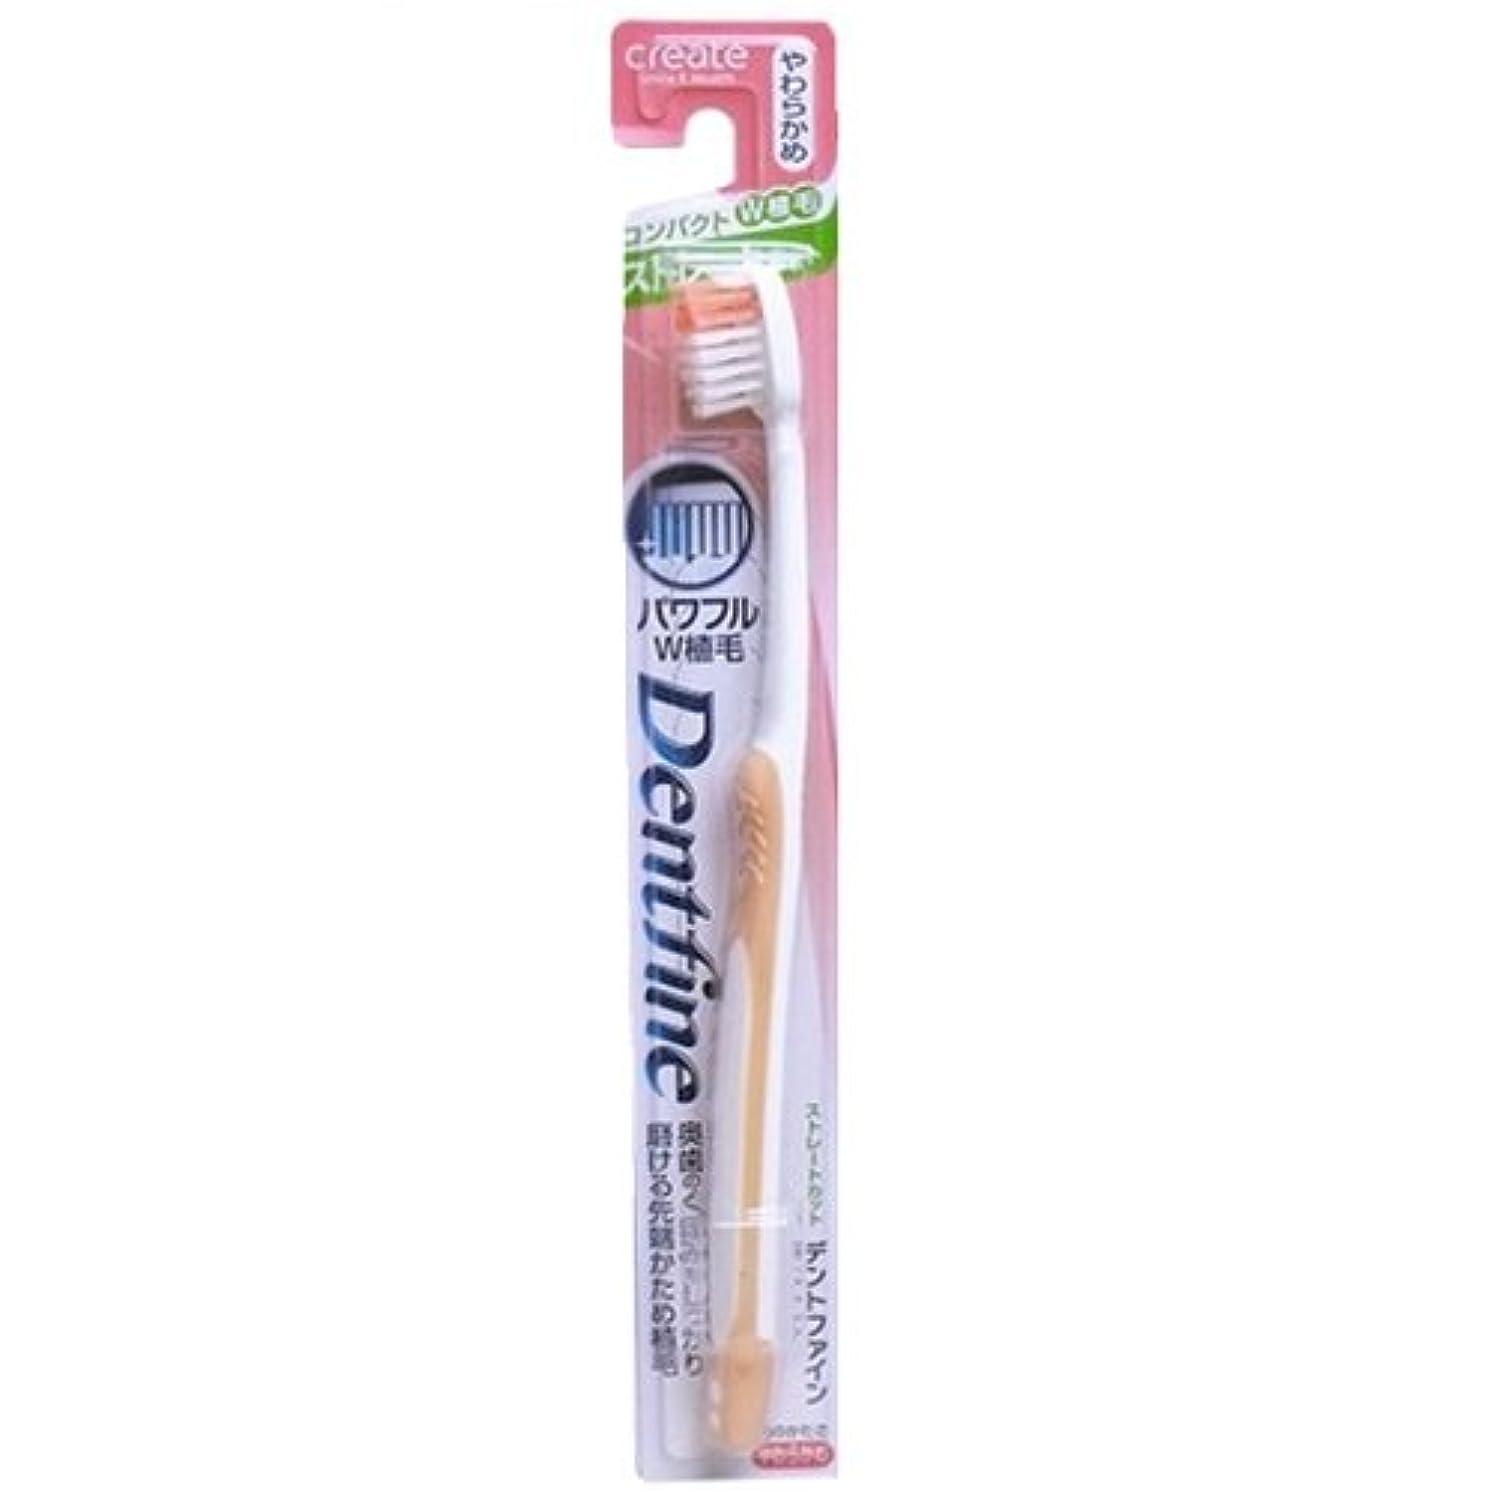 劣る報酬合併デントファインラバーグリップ ストレートカット歯ブラシ やわらかめ 1本:オレンジ